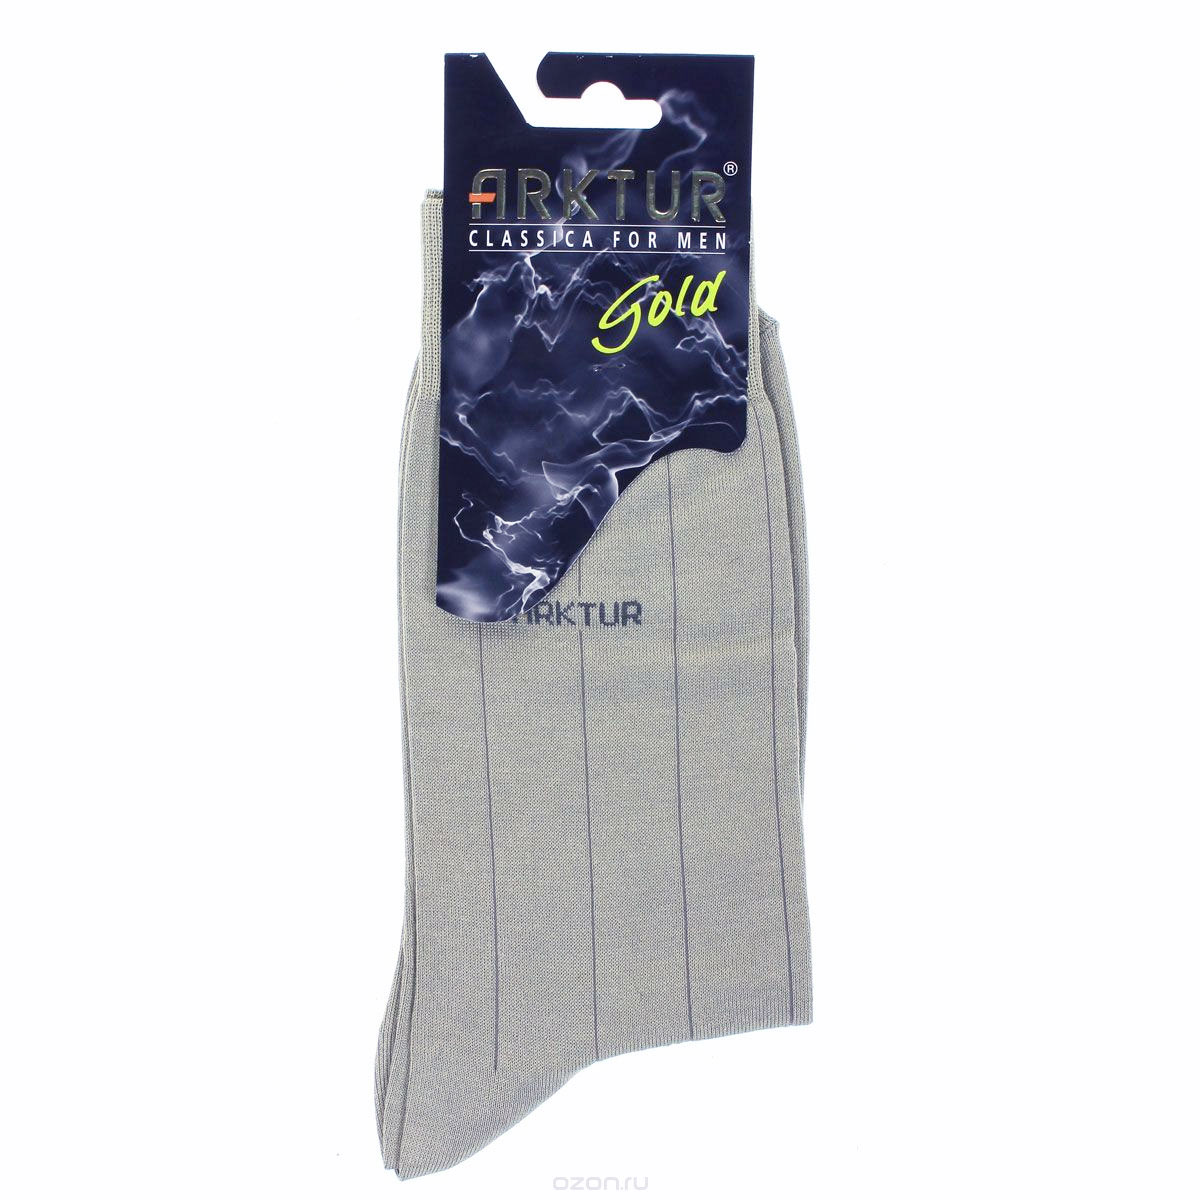 Носки мужские Arktur, цвет: светло-серый. Л151. Размер 44/45Л151_4Мужские носки Arktur престижного класса. Носки превосходного качества из мерсеризованного хлопка отличаются гладкой текстурой и шелковистостью, что создает приятное ощущение нежности и прохлады. Эргономичная резинка пресс-контроль комфортно облегает ногу. Носки обладают повышенной прочностью, не подвержены усадке. Усиленная пятка и мысок. Удлиненный паголенок.Идеальное сочетание практичности, комфорта и элегантности!